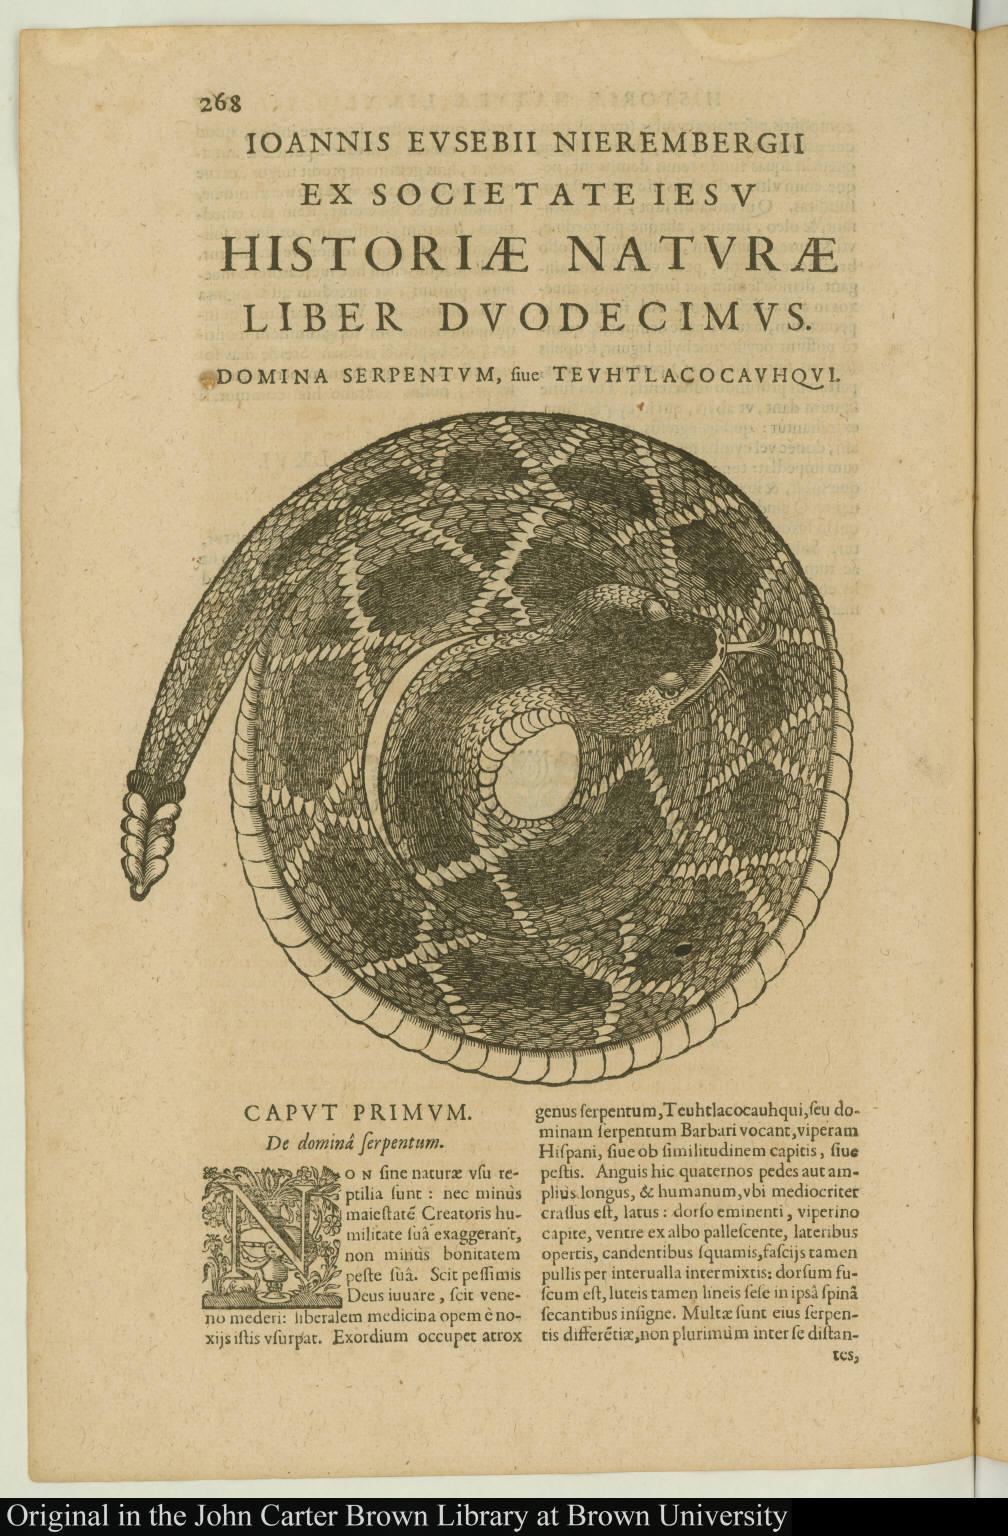 Domina serpentum, sive teuhtlacocauhqui.